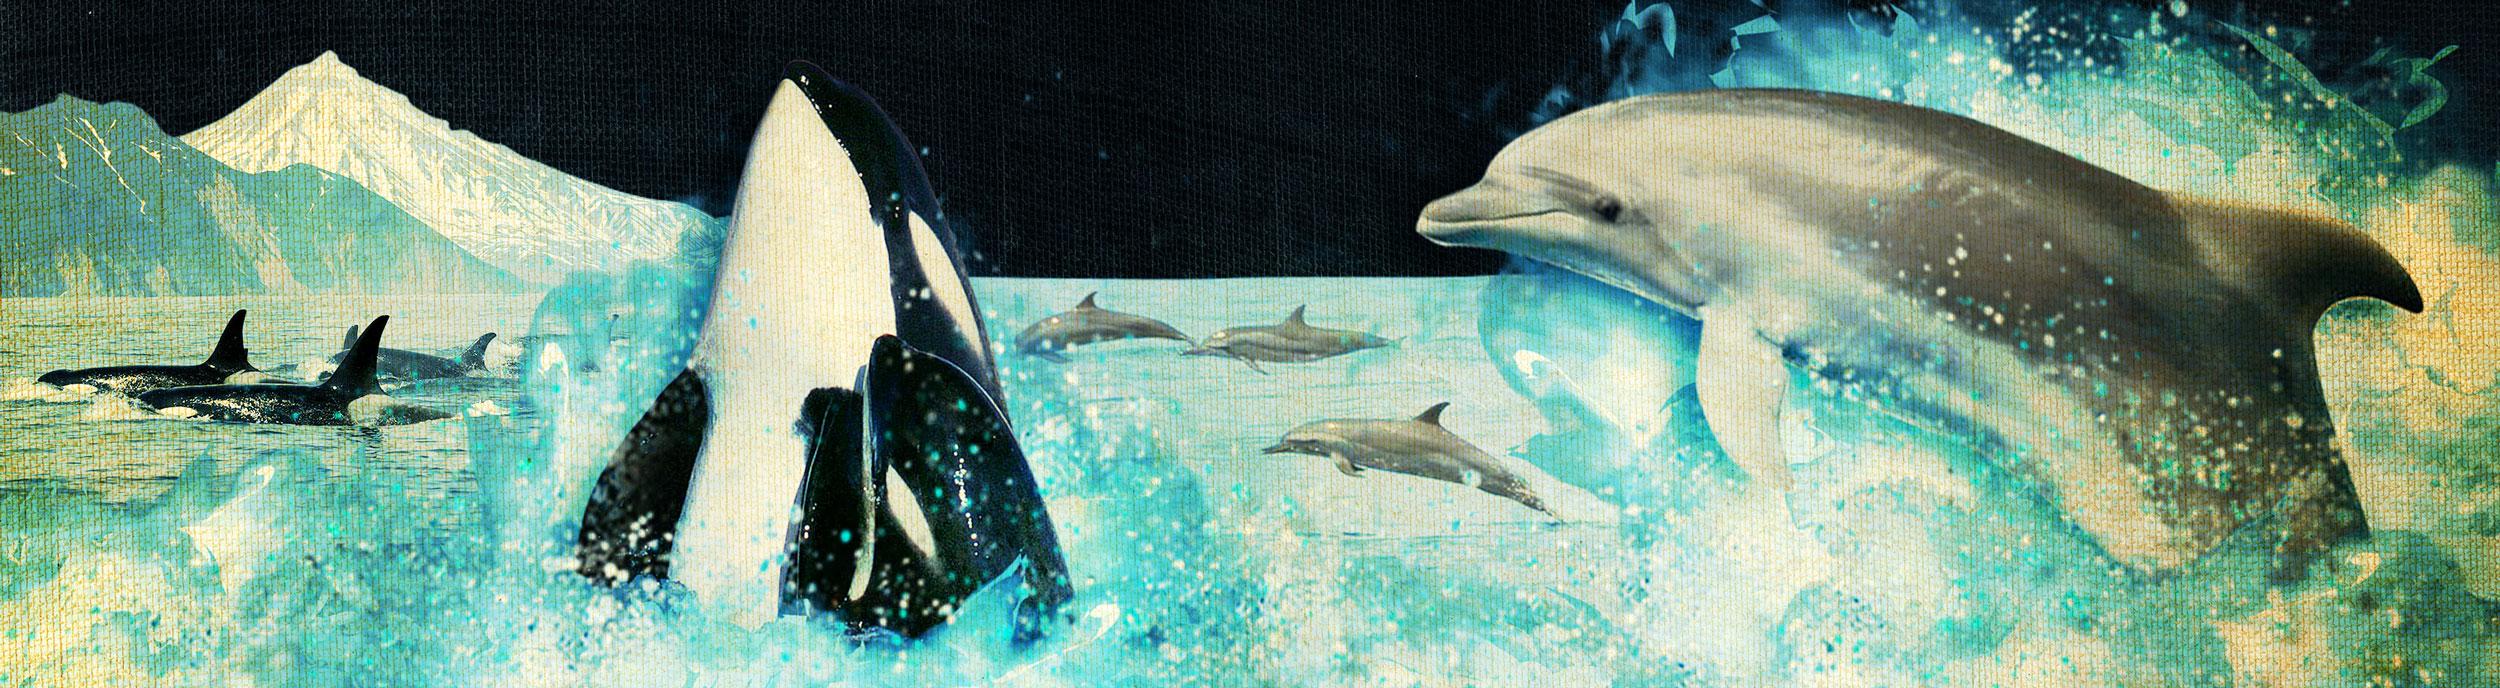 DolphinSlideXXL